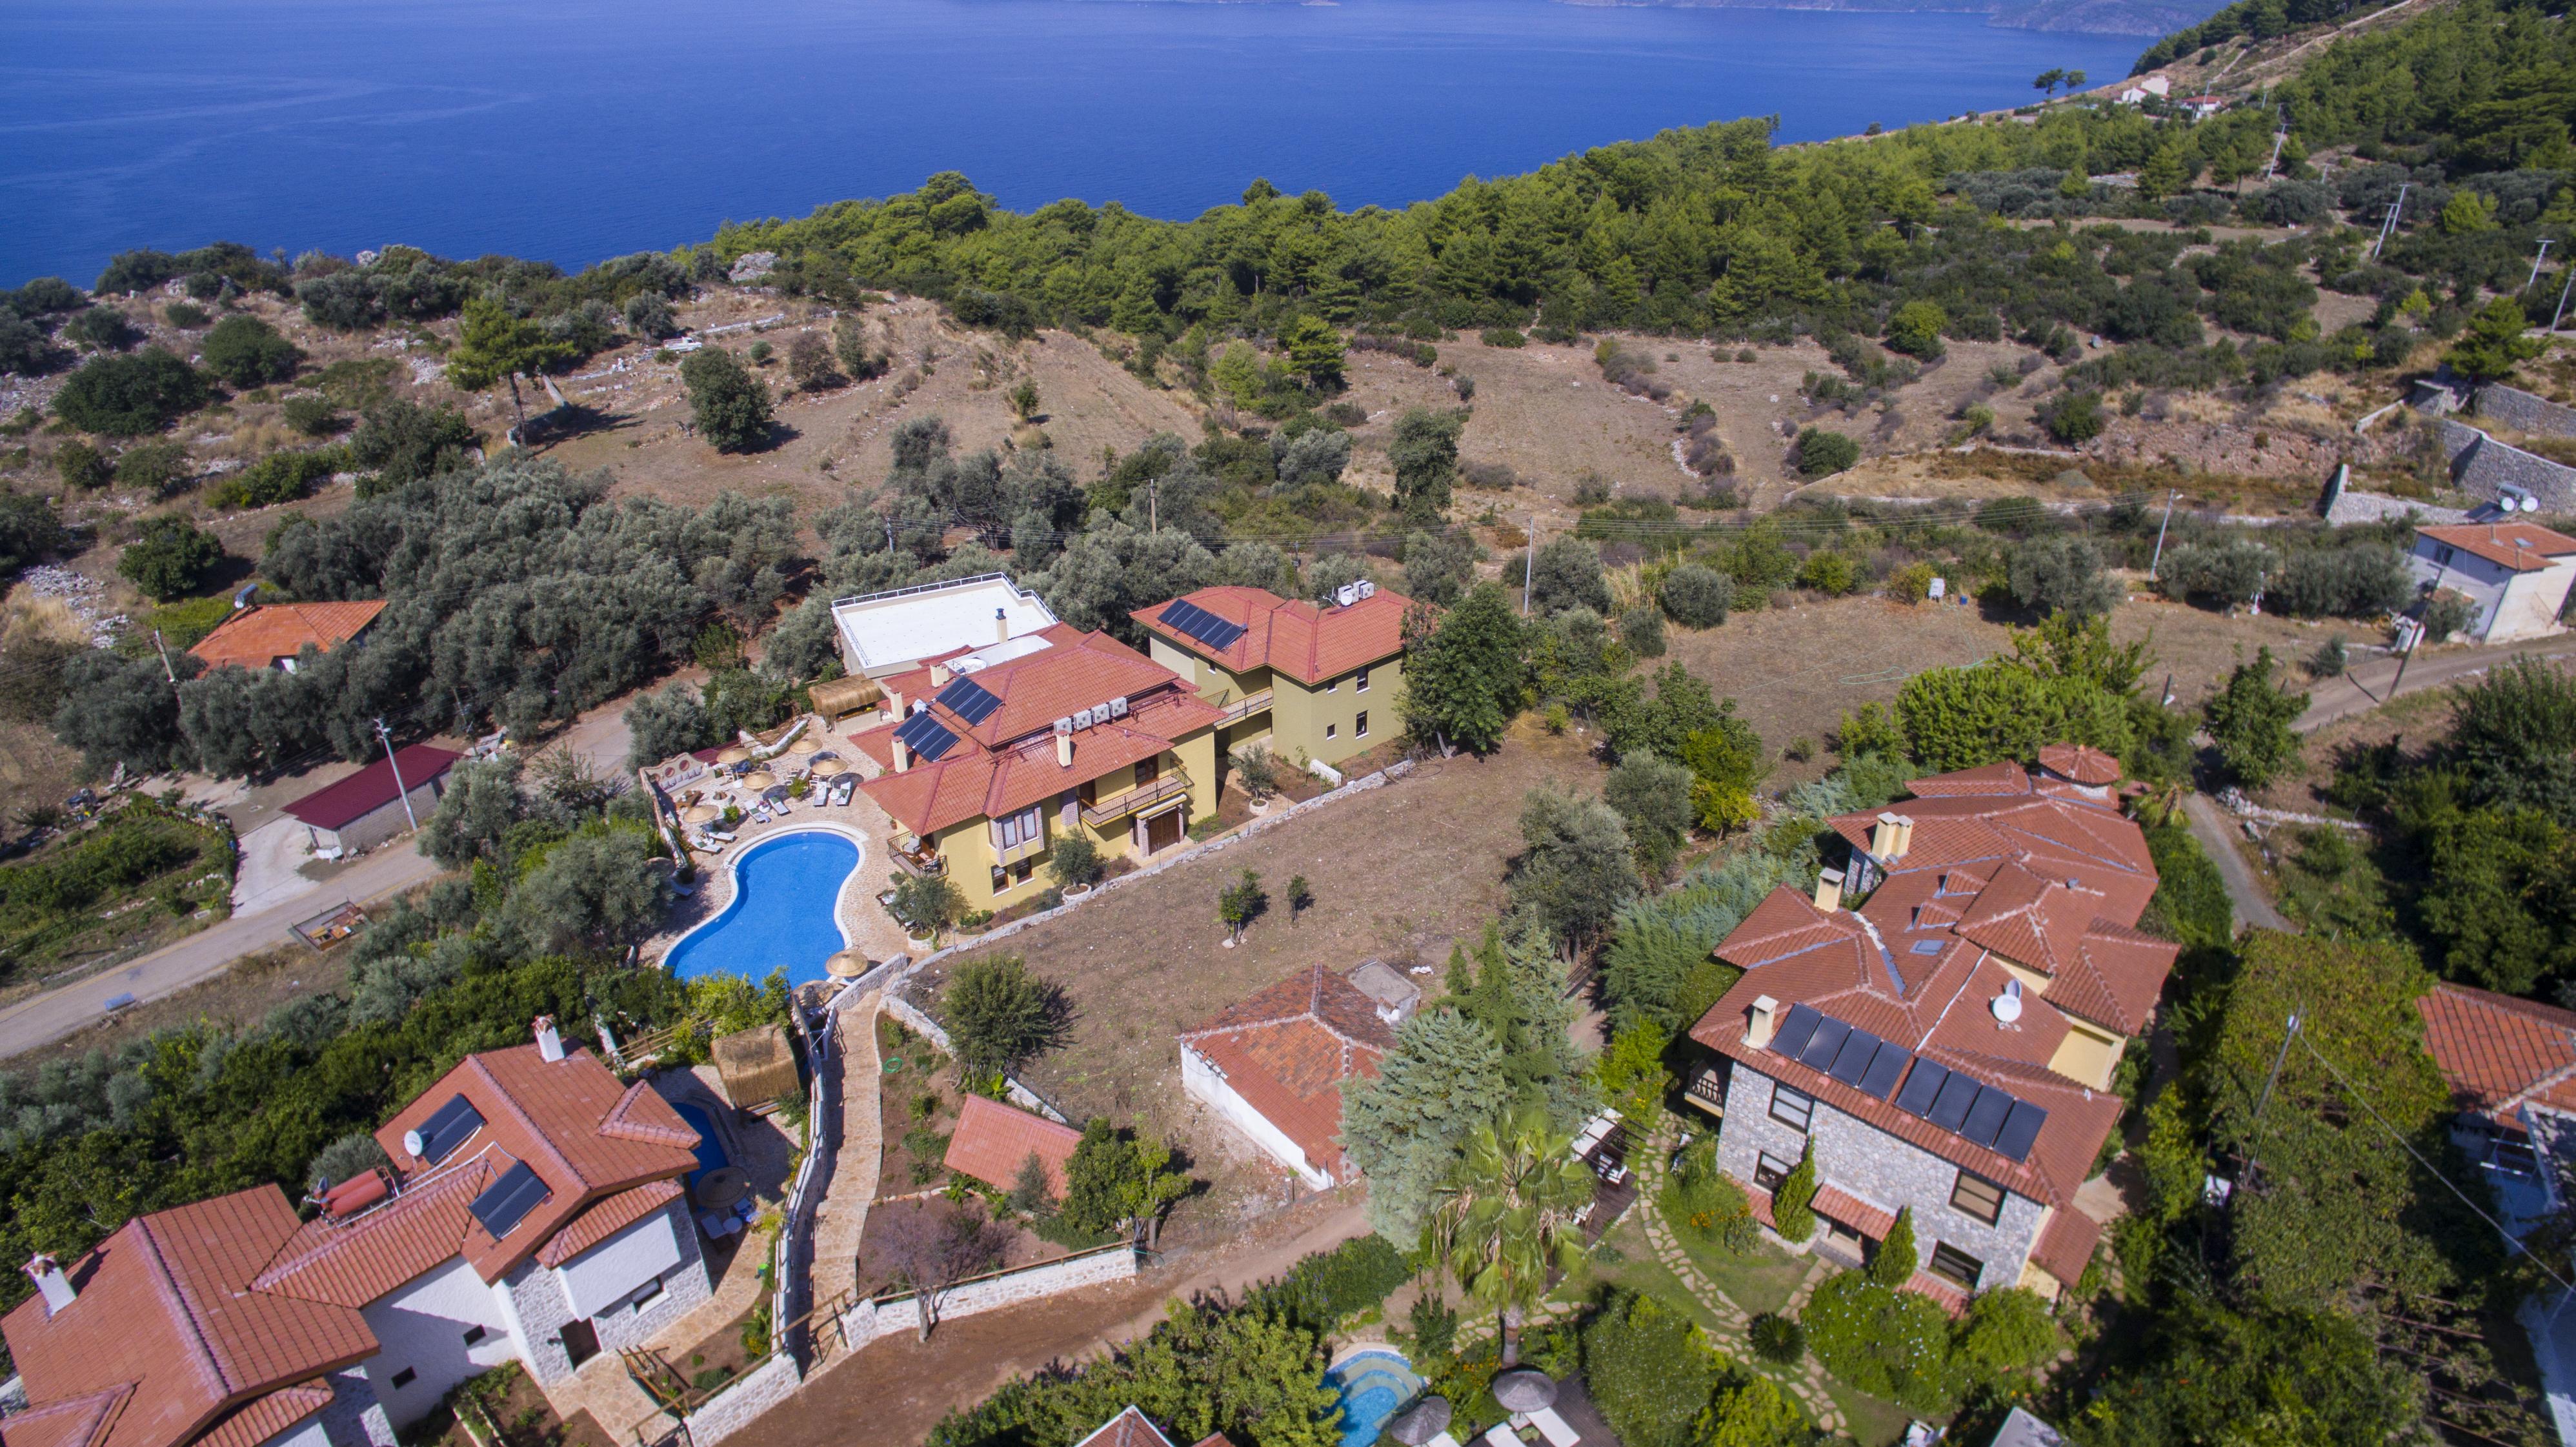 Appartement de vacances Luxuriöse Unterkunft und persönliches Ambiente in unzerstörter Natur. (2636883), Fethiye, , Région Egéenne, Turquie, image 6